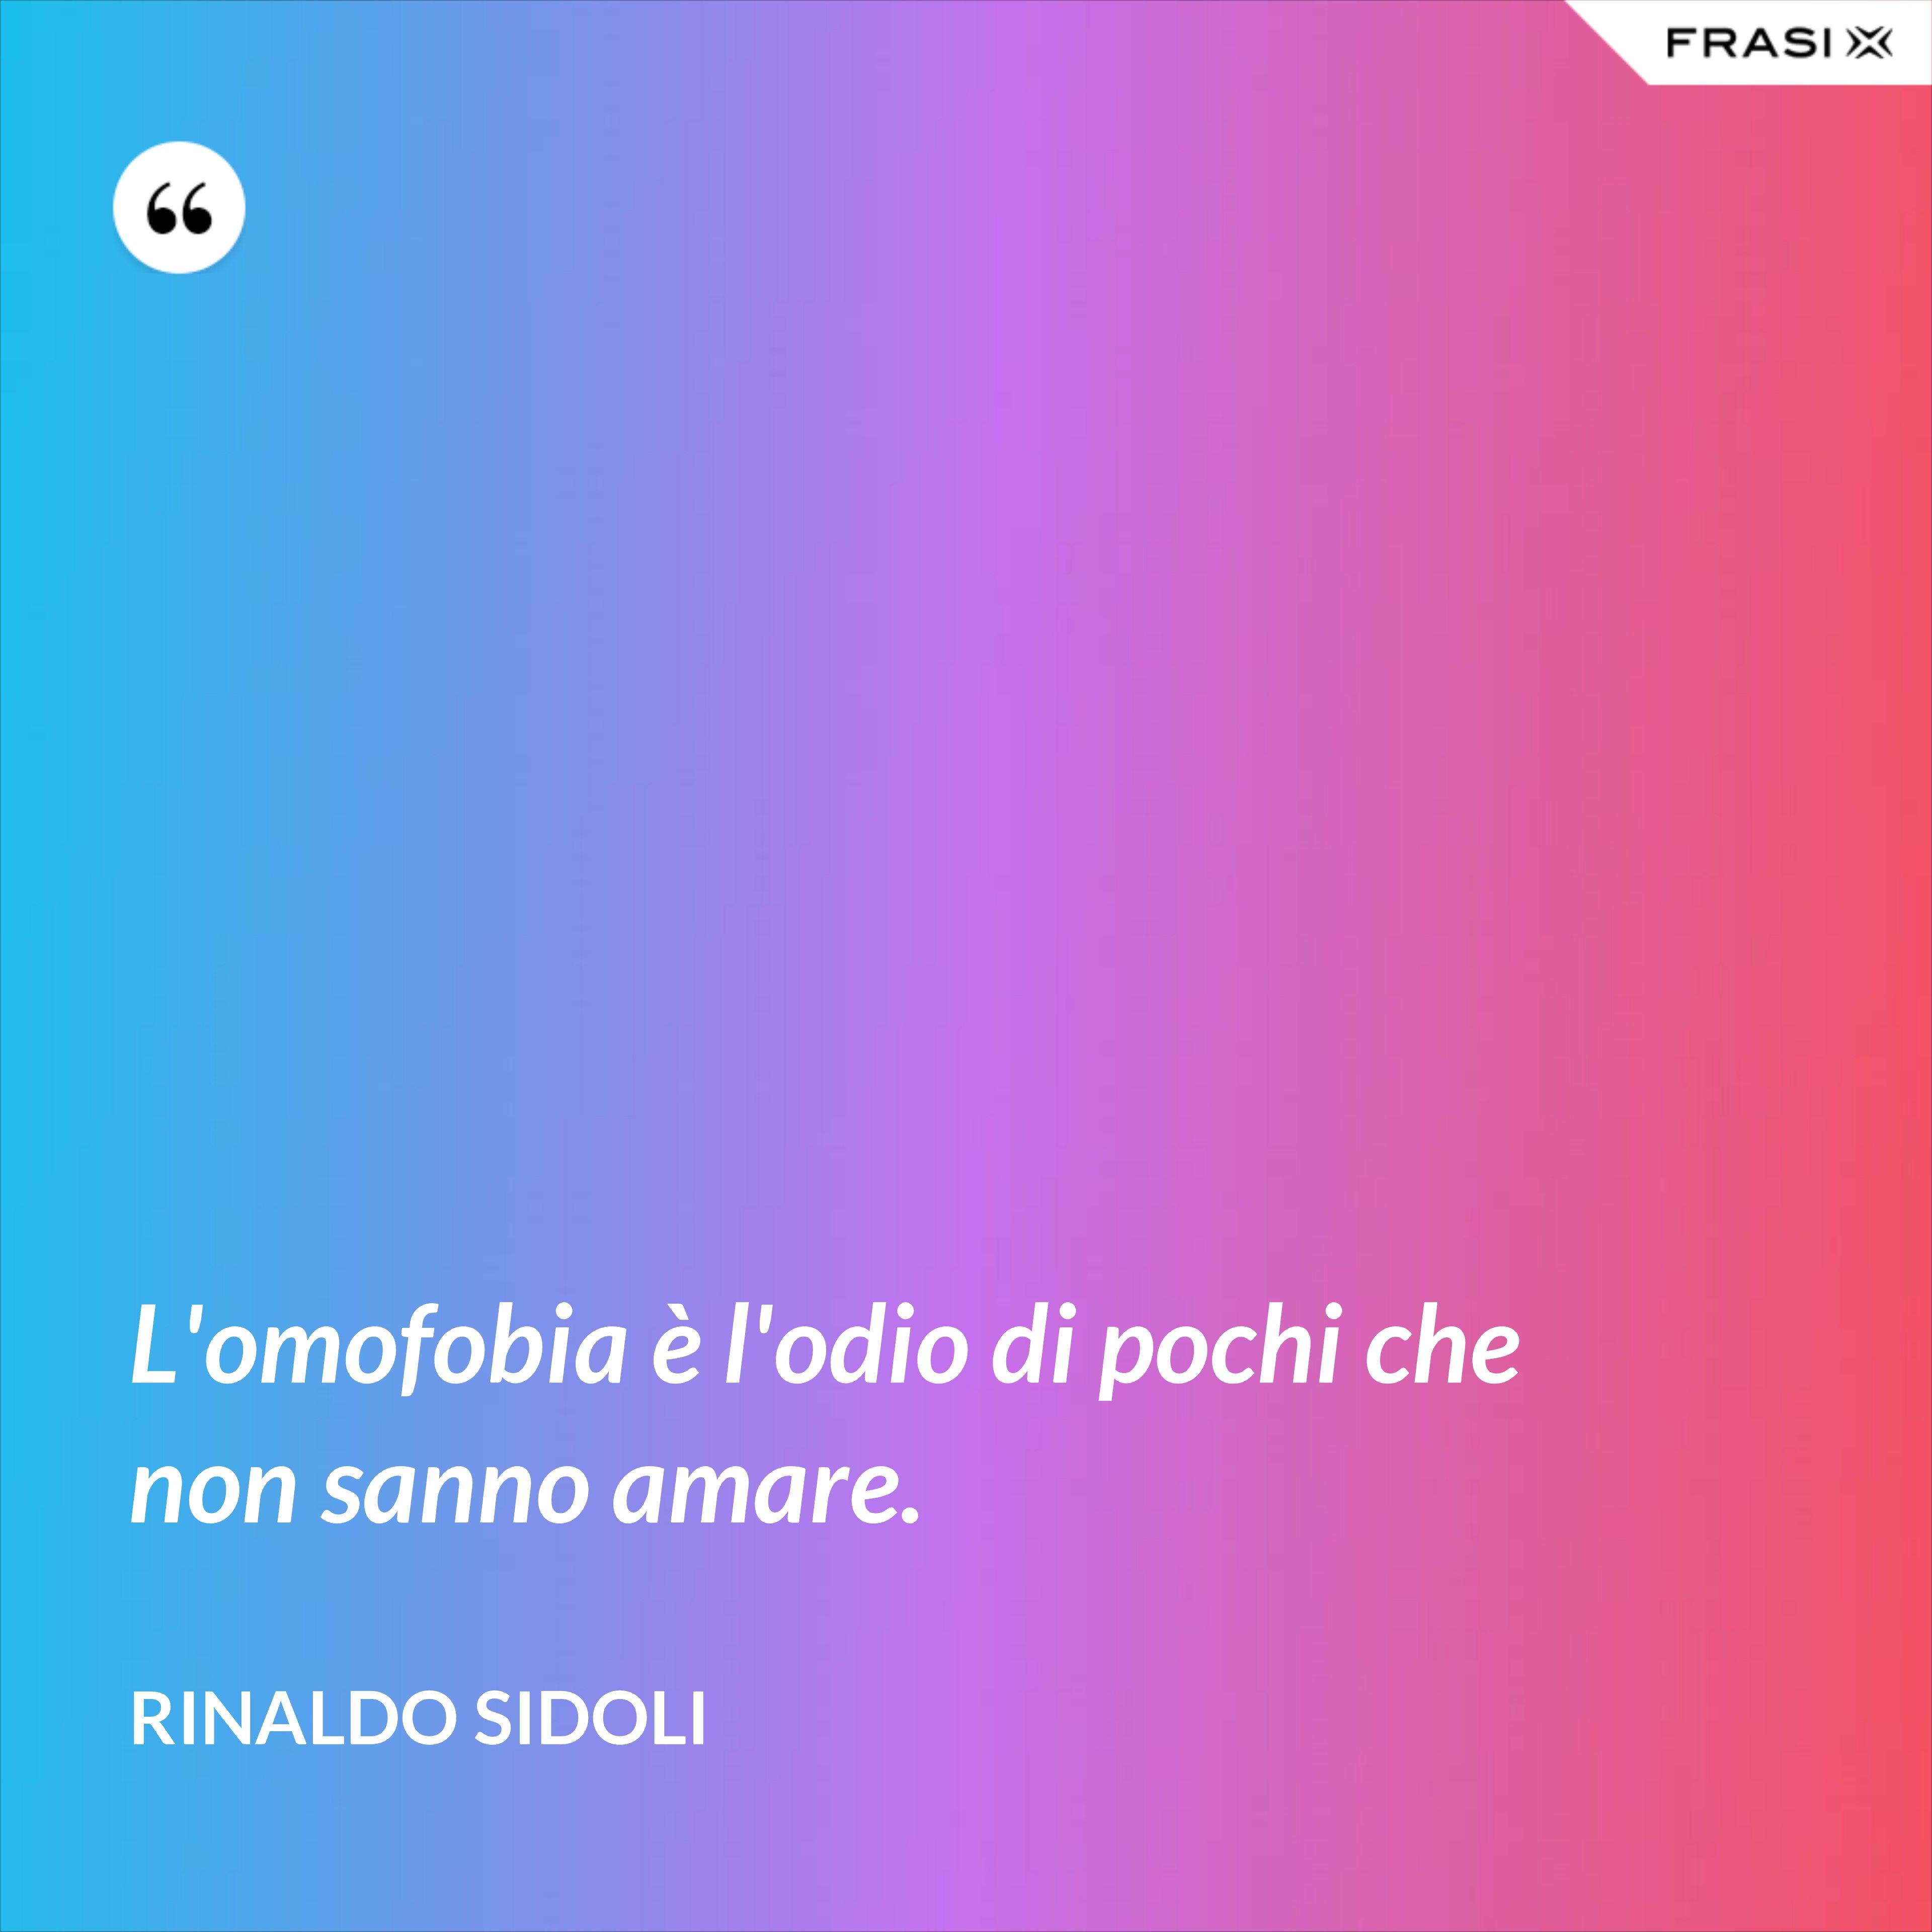 L'omofobia è l'odio di pochi che non sanno amare. - Rinaldo Sidoli